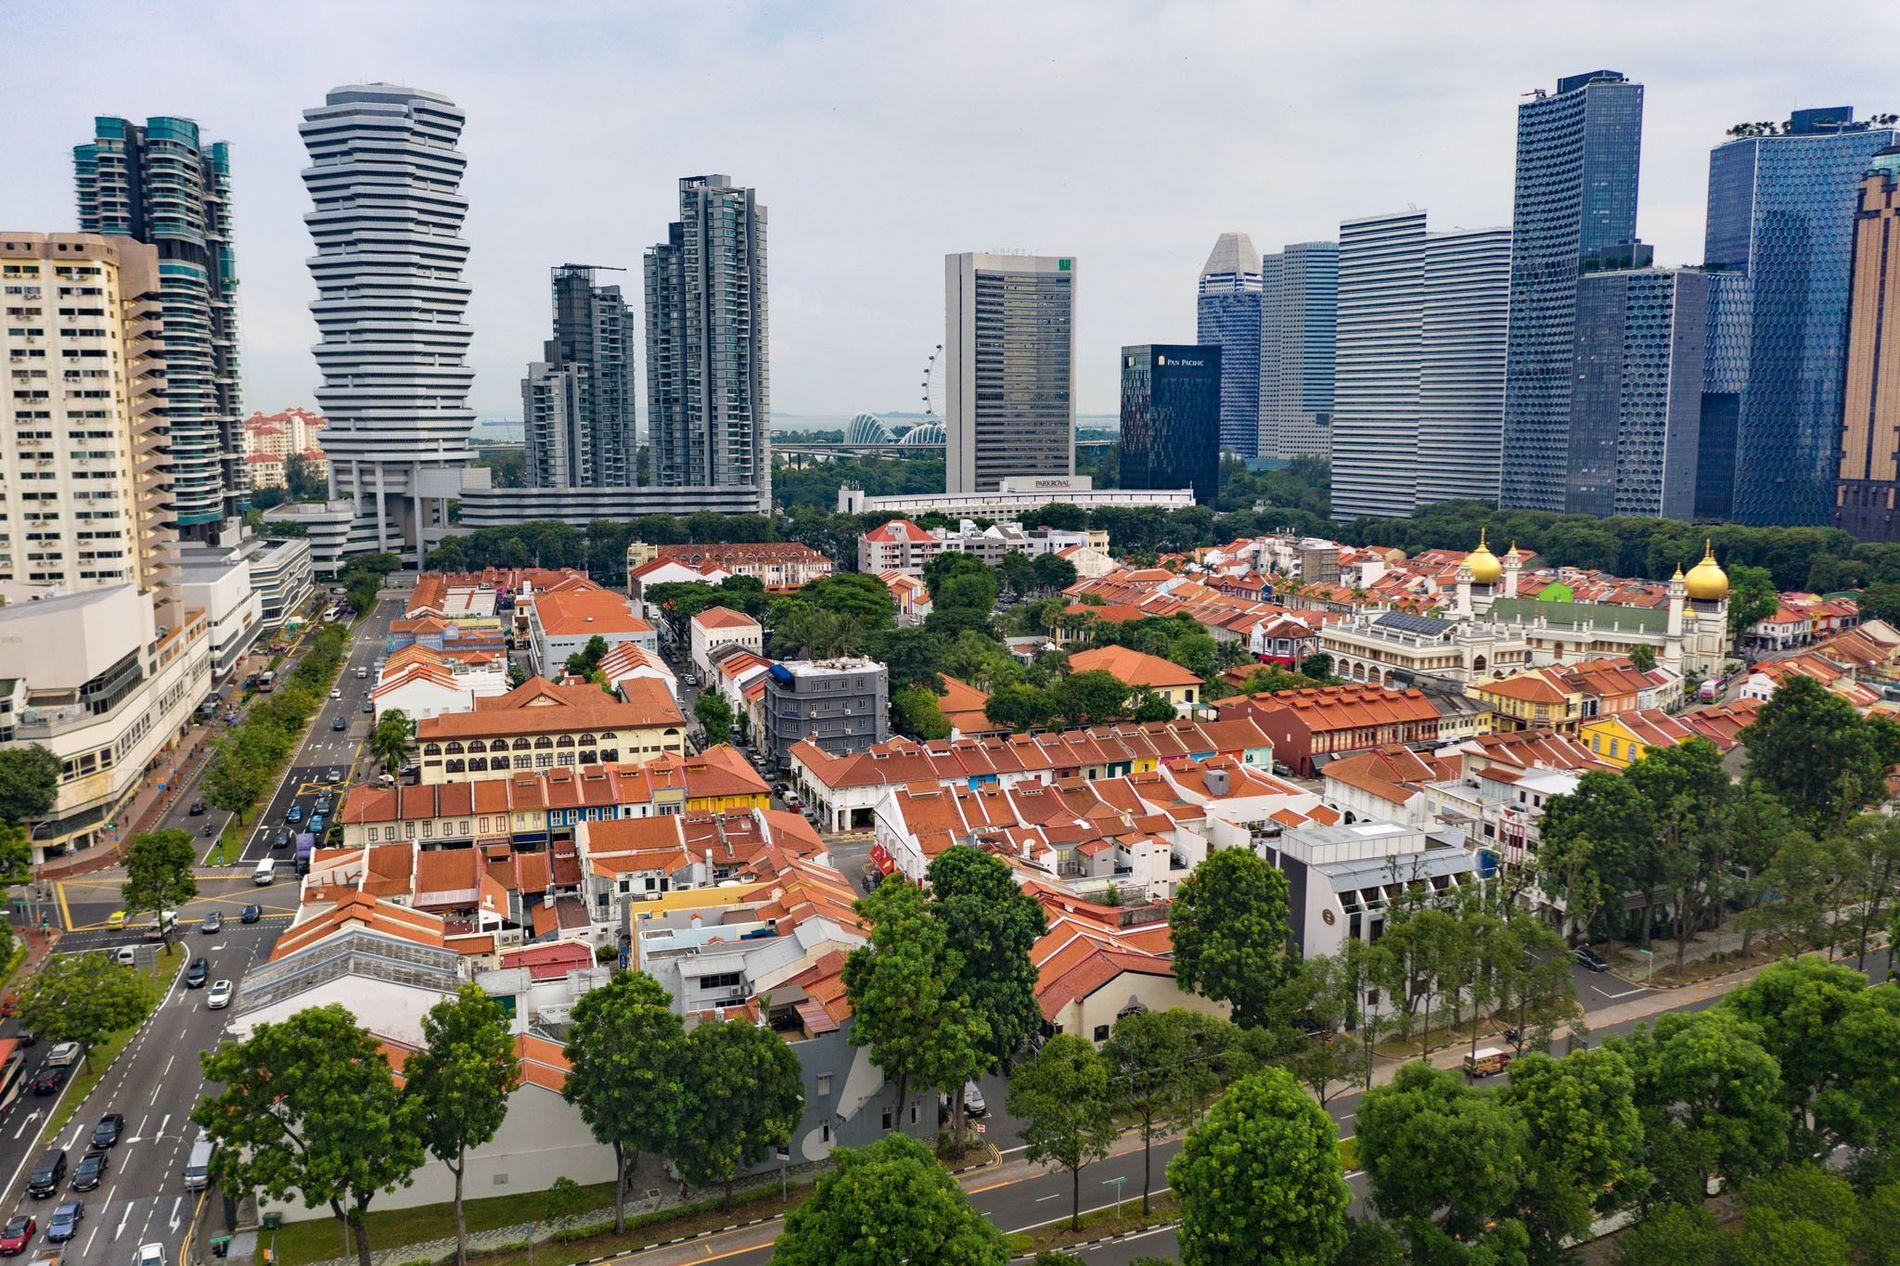 À Singapour, le gouvernement a préservé Kampong Glam, un quartier musulman du XIXe siècle bâti autour ...